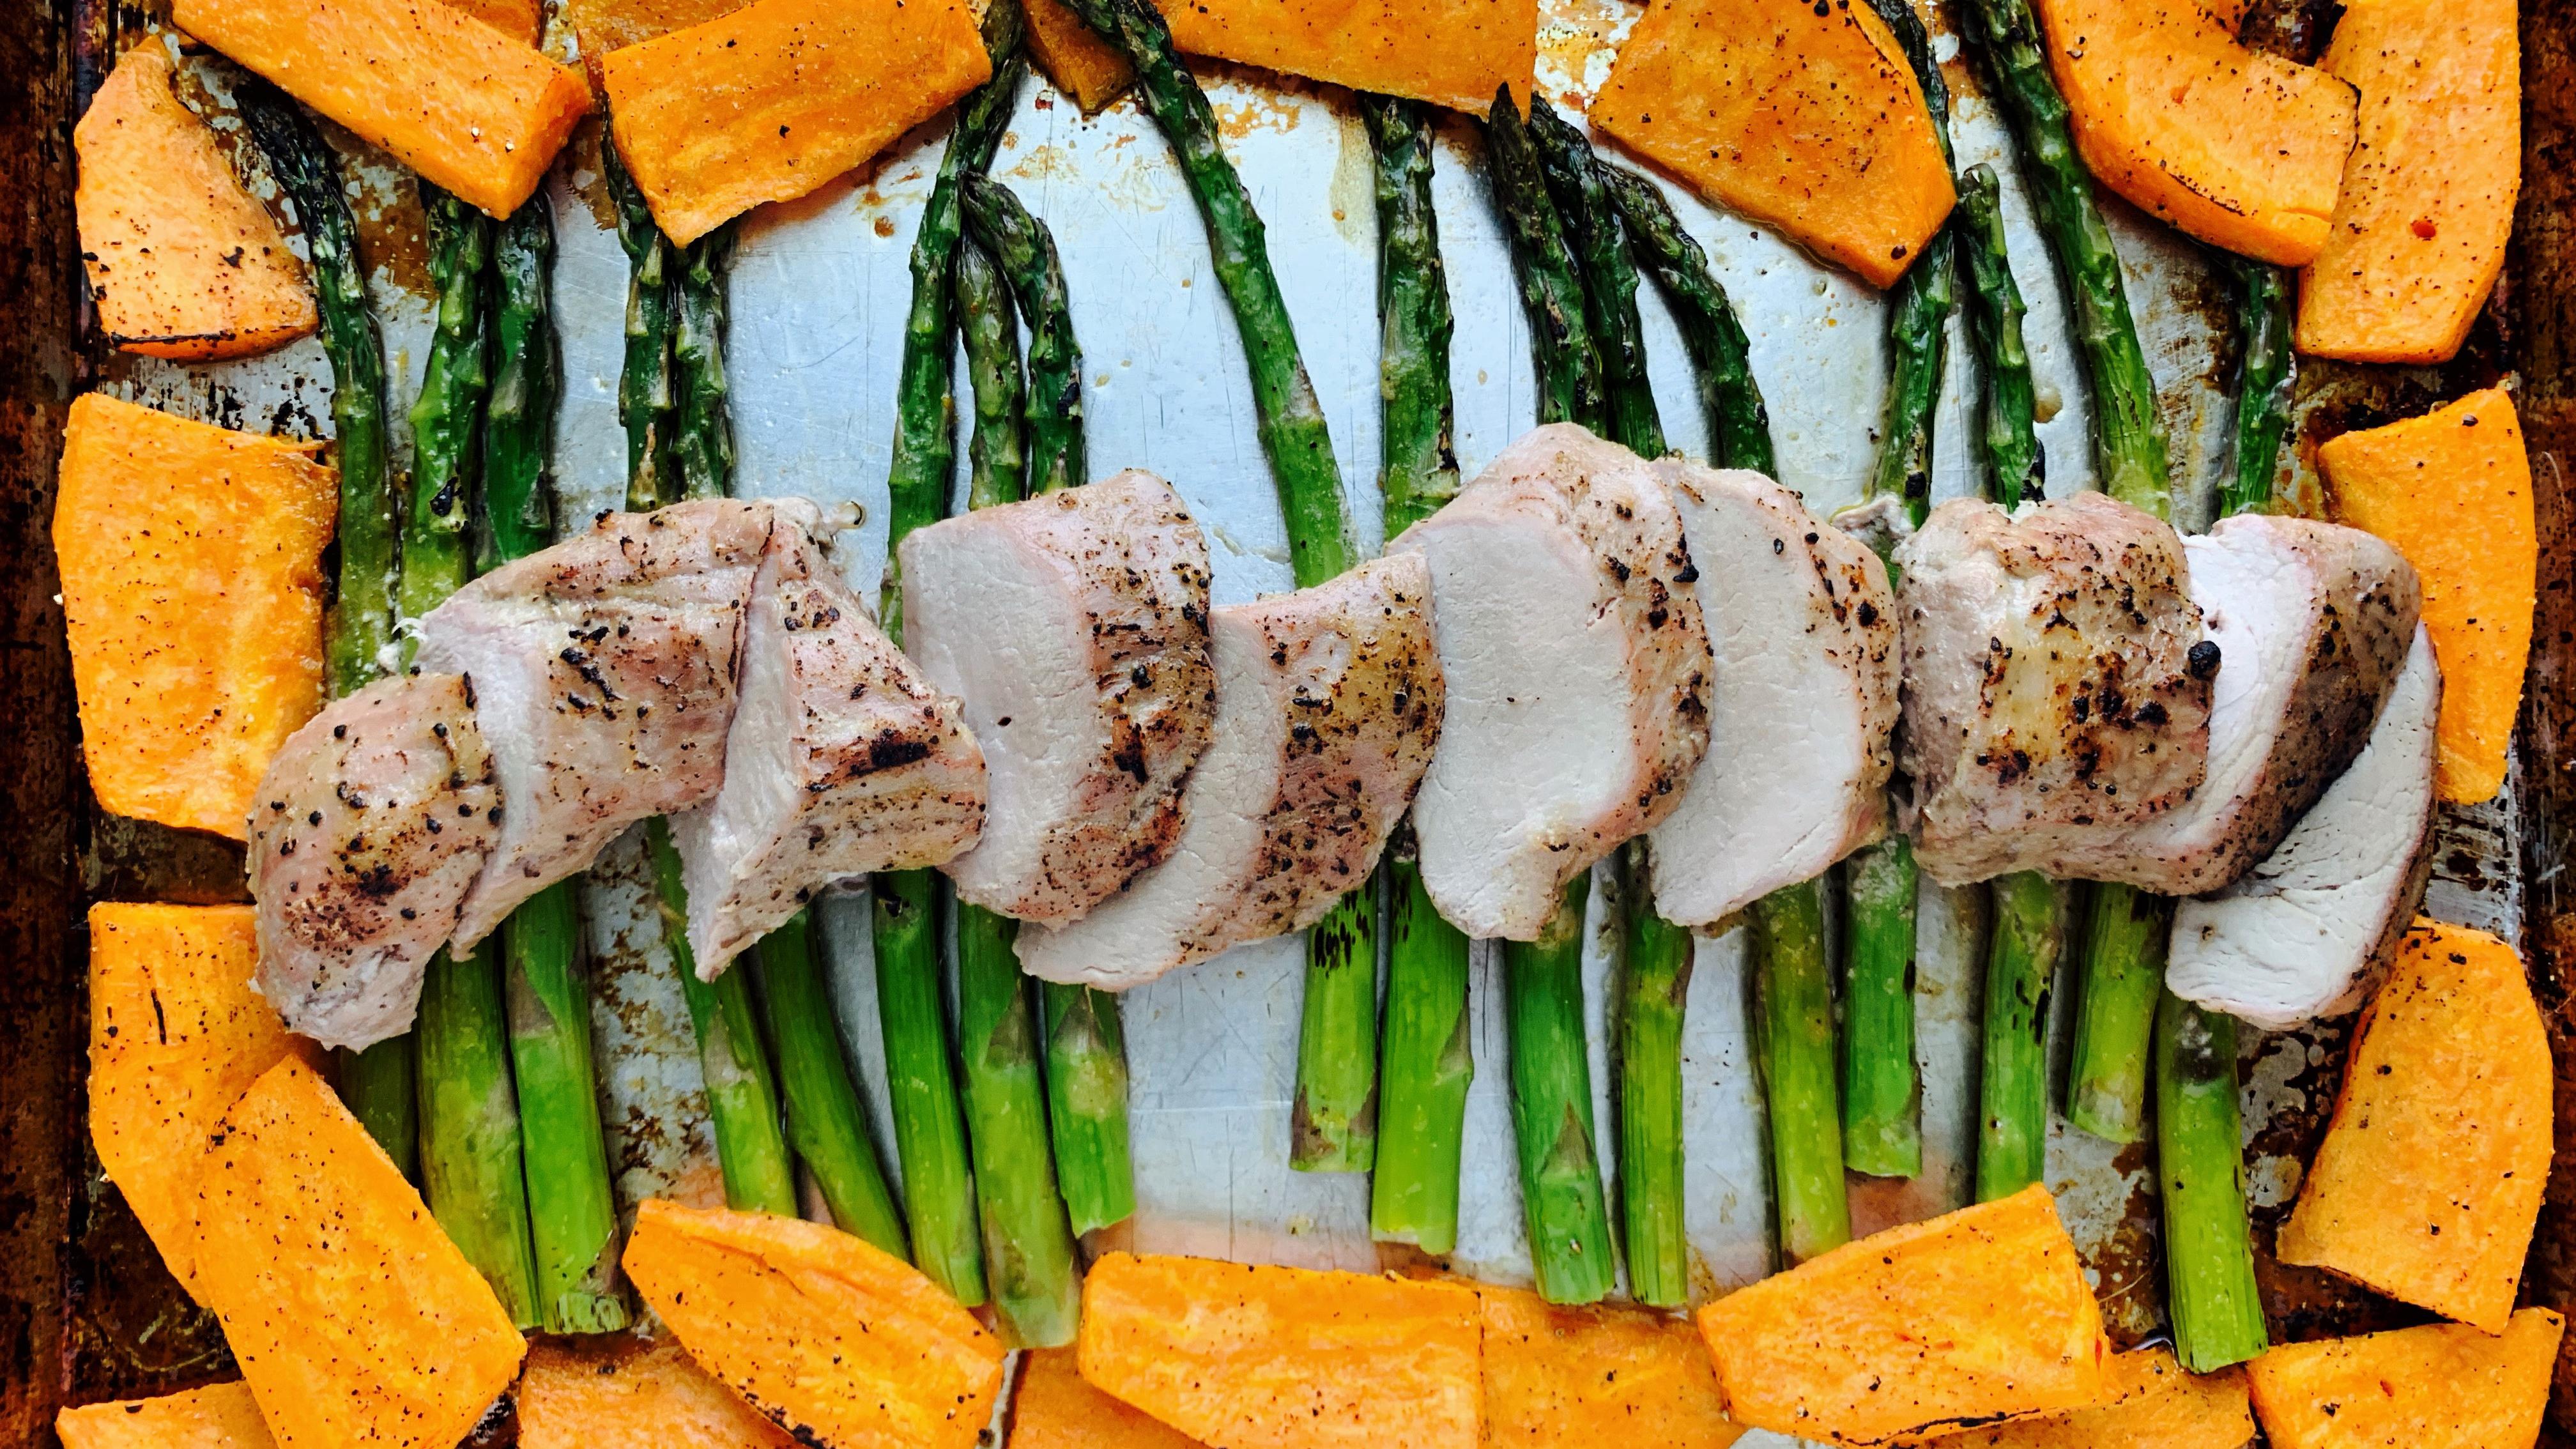 Un filet de porc sur une plaque à cuisson avec patates douces et asperges